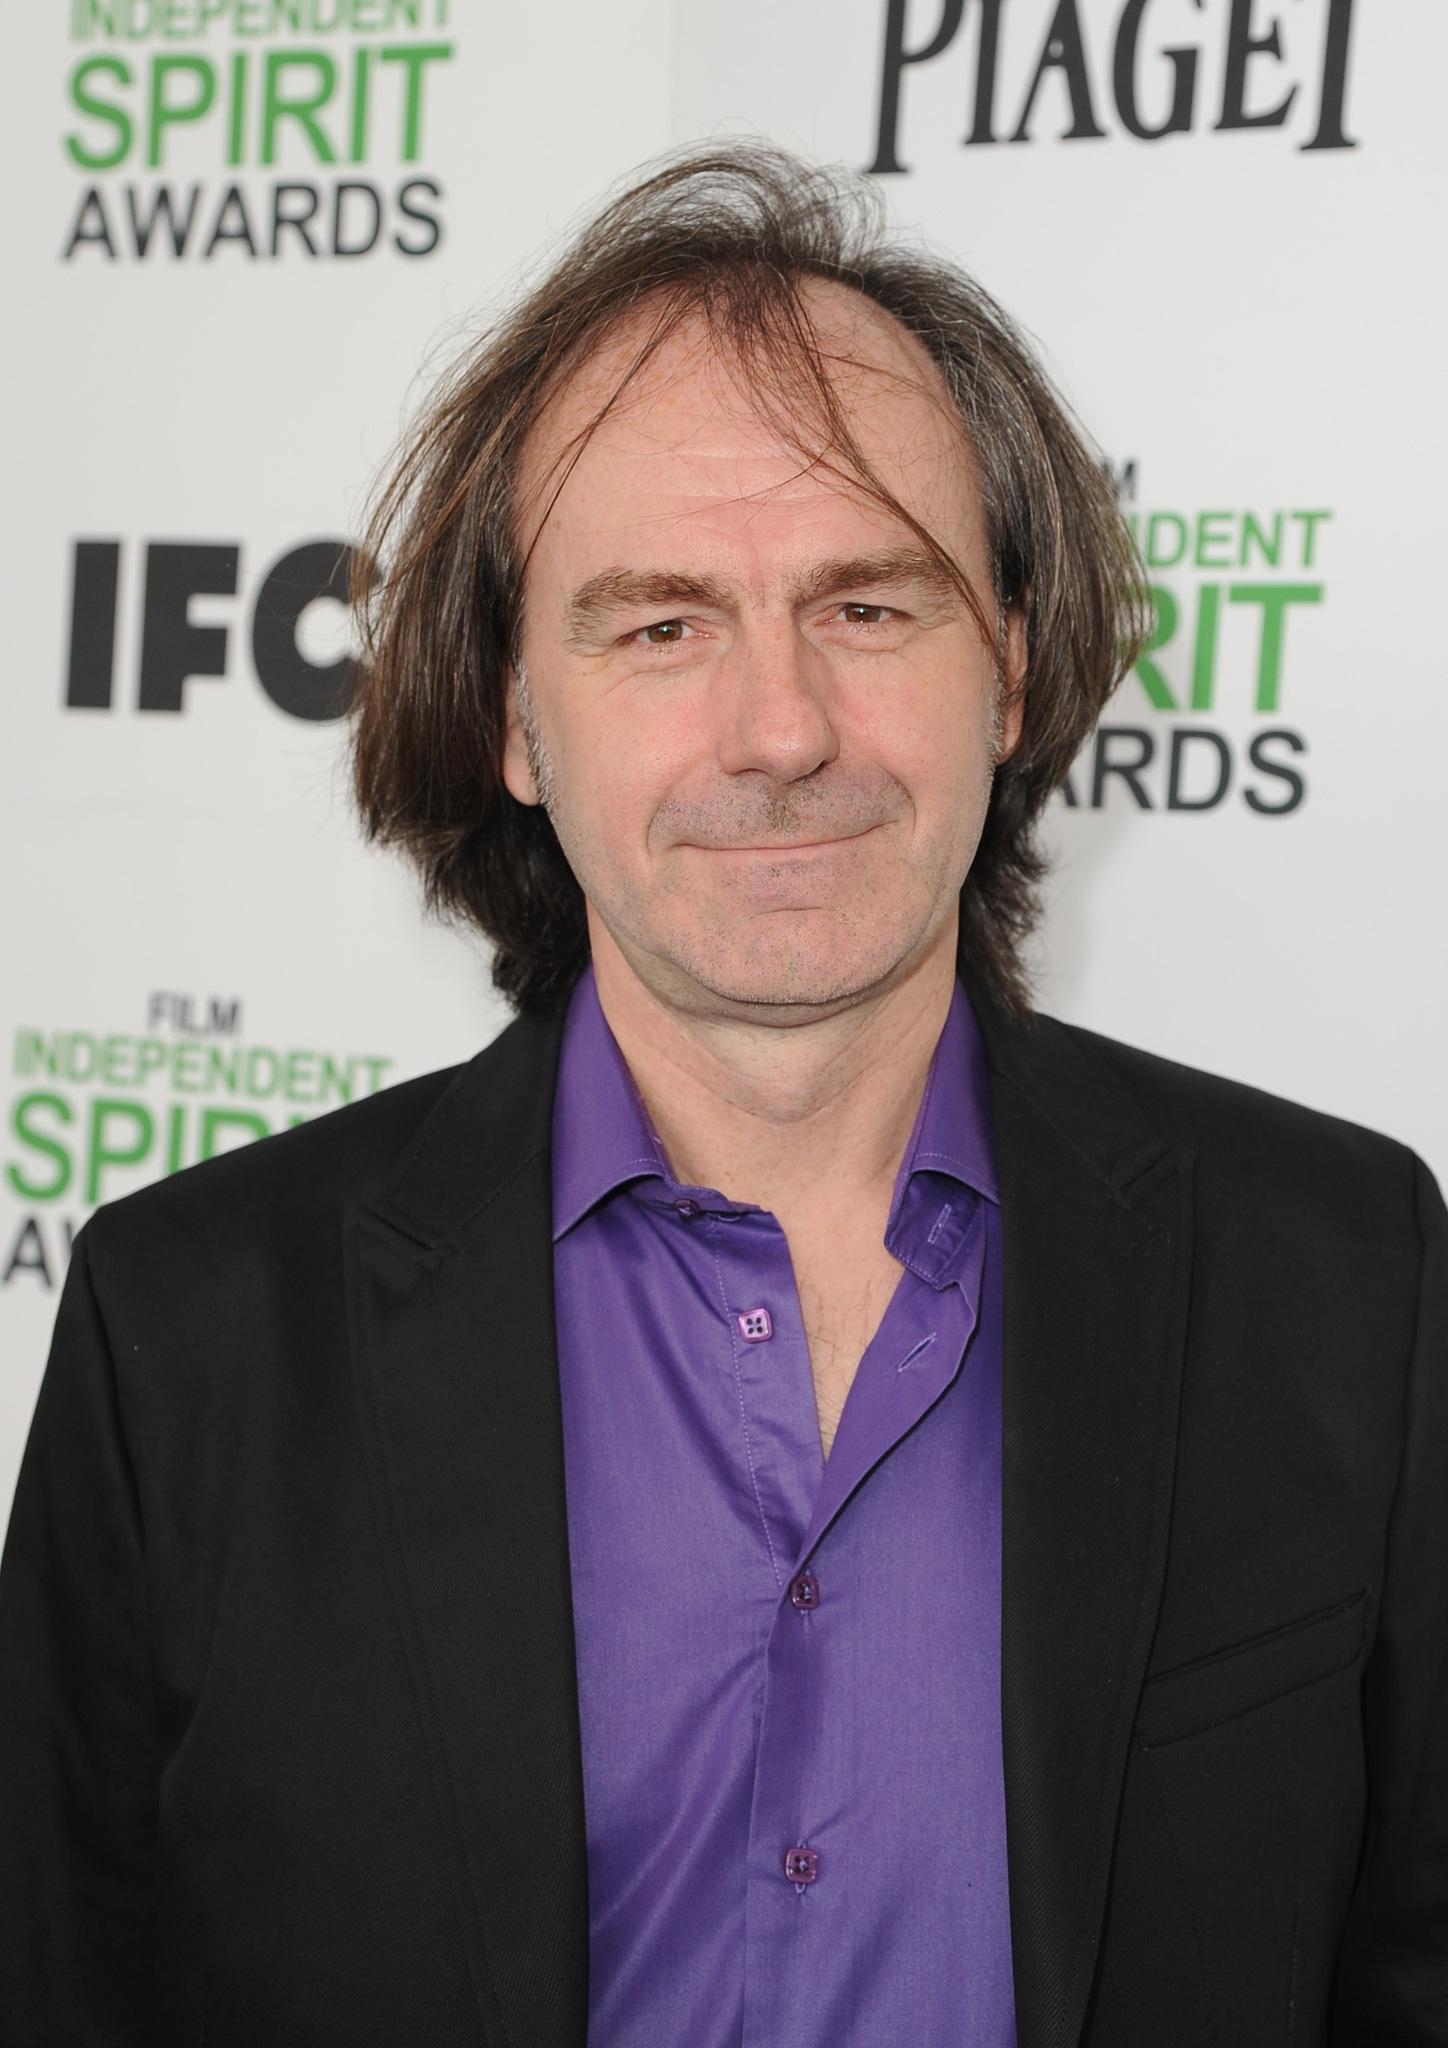 Actor Benoit Pulward: biography, career, movies 74